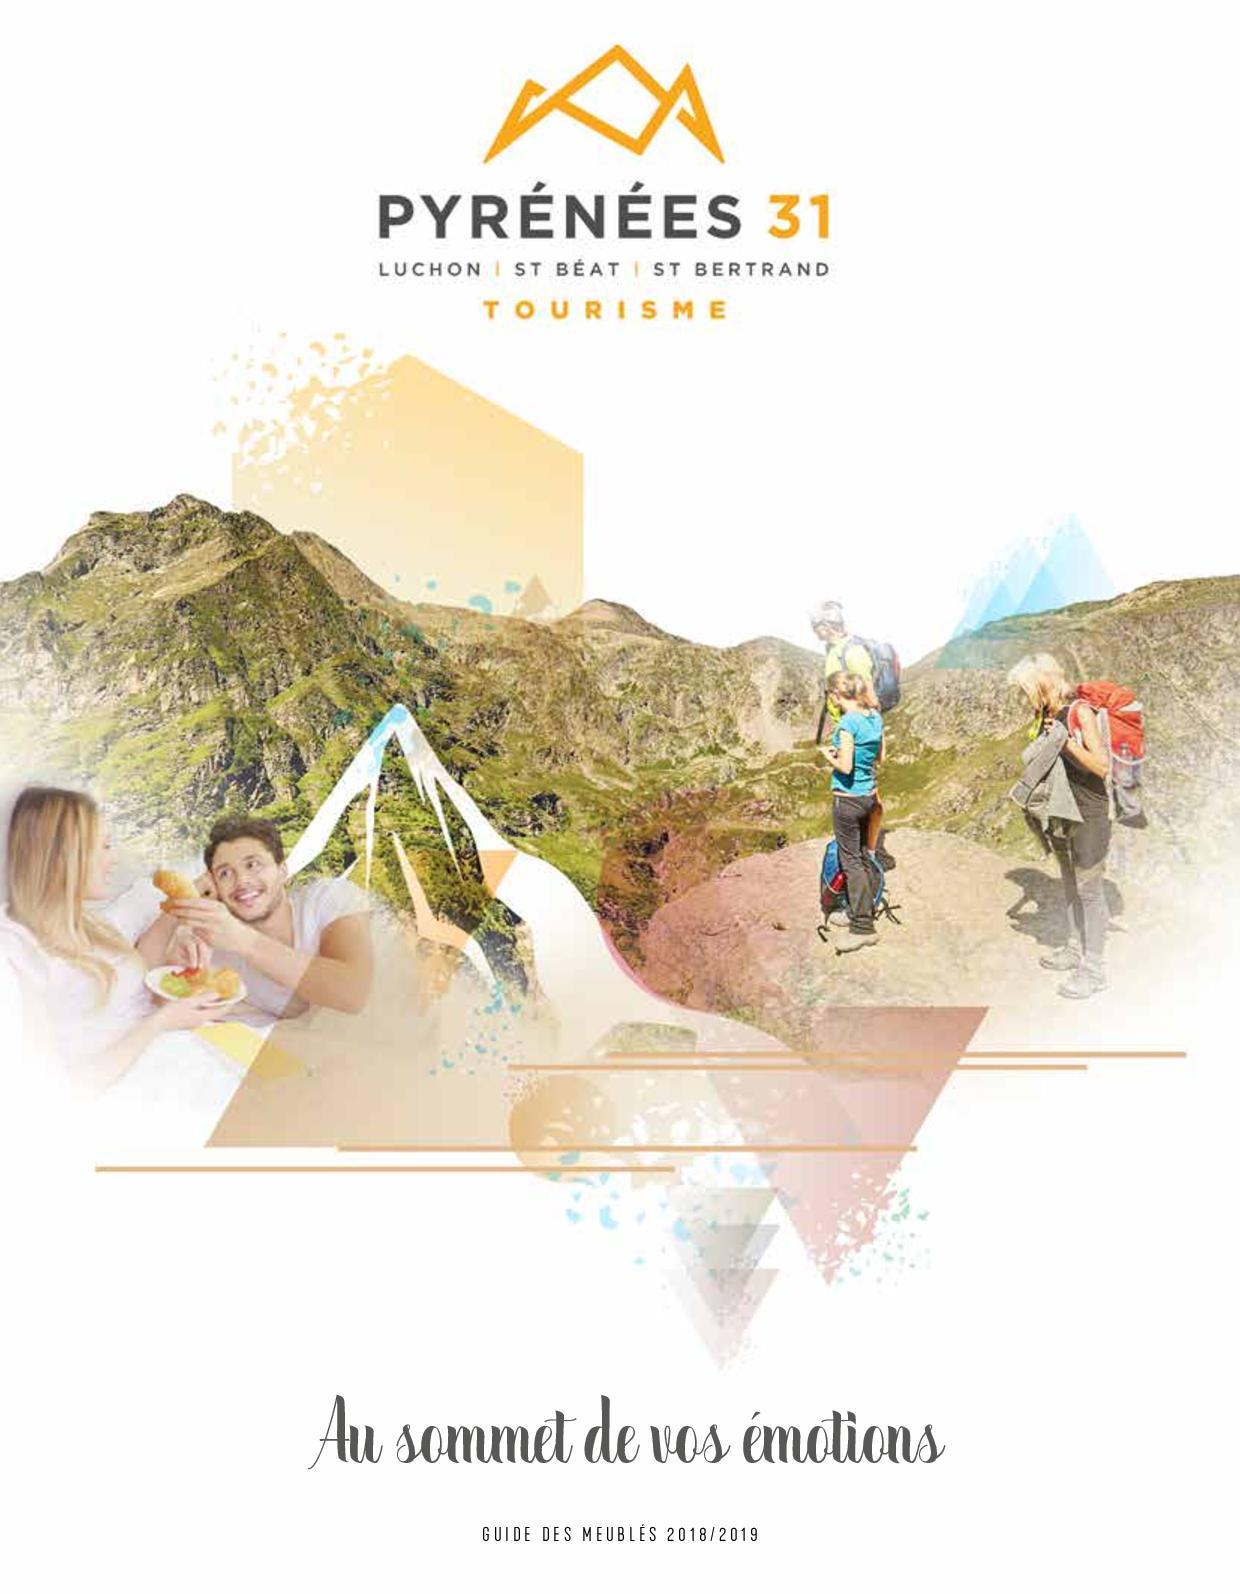 Guide Des Meublés 2019 : Pyrénées 31, Au Sommet de vos Émotions